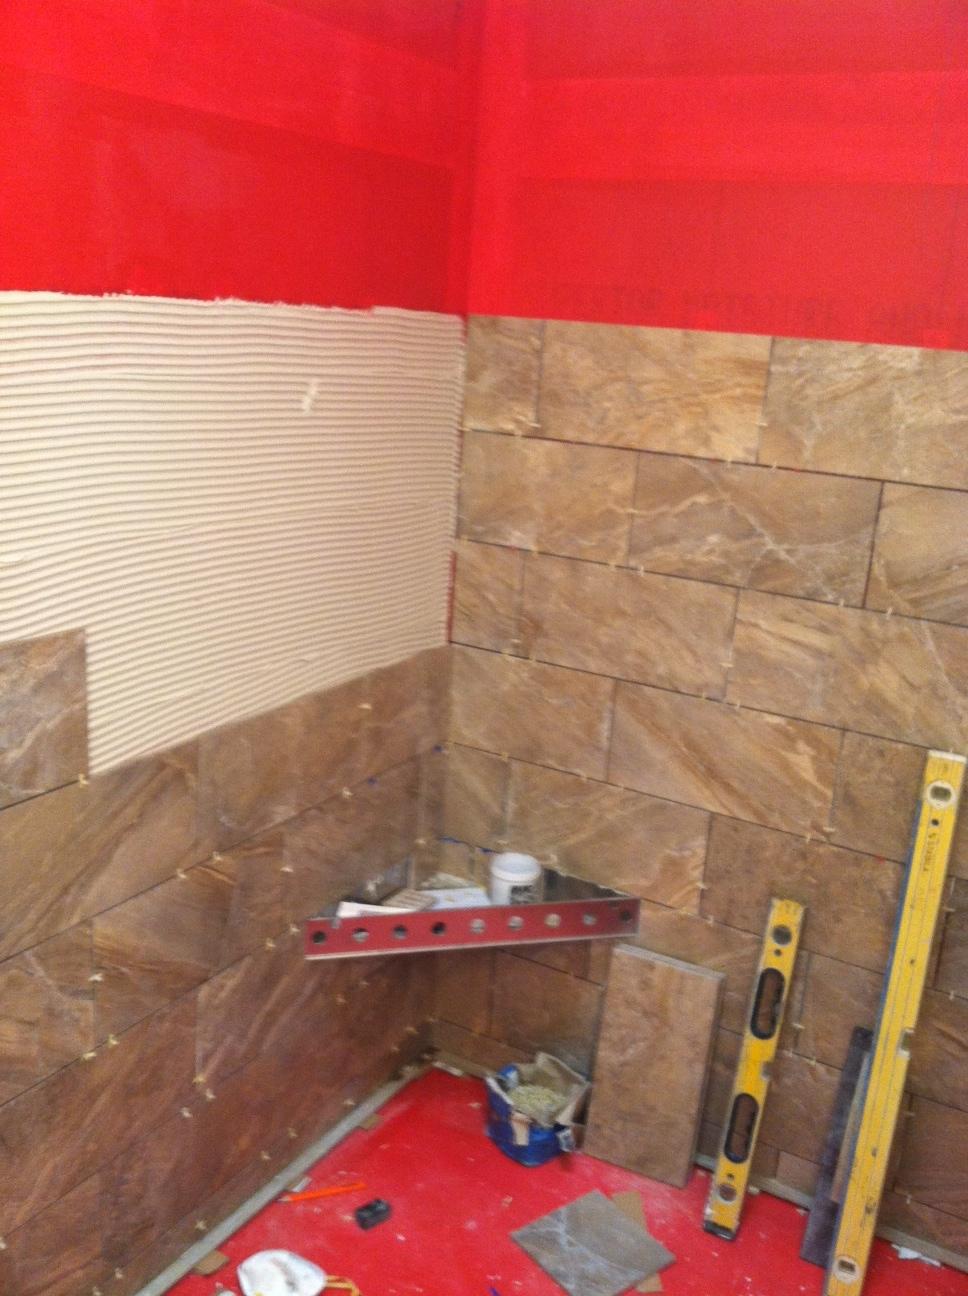 Waterproofing bathroom tile - Wall Tile Is Being Installed